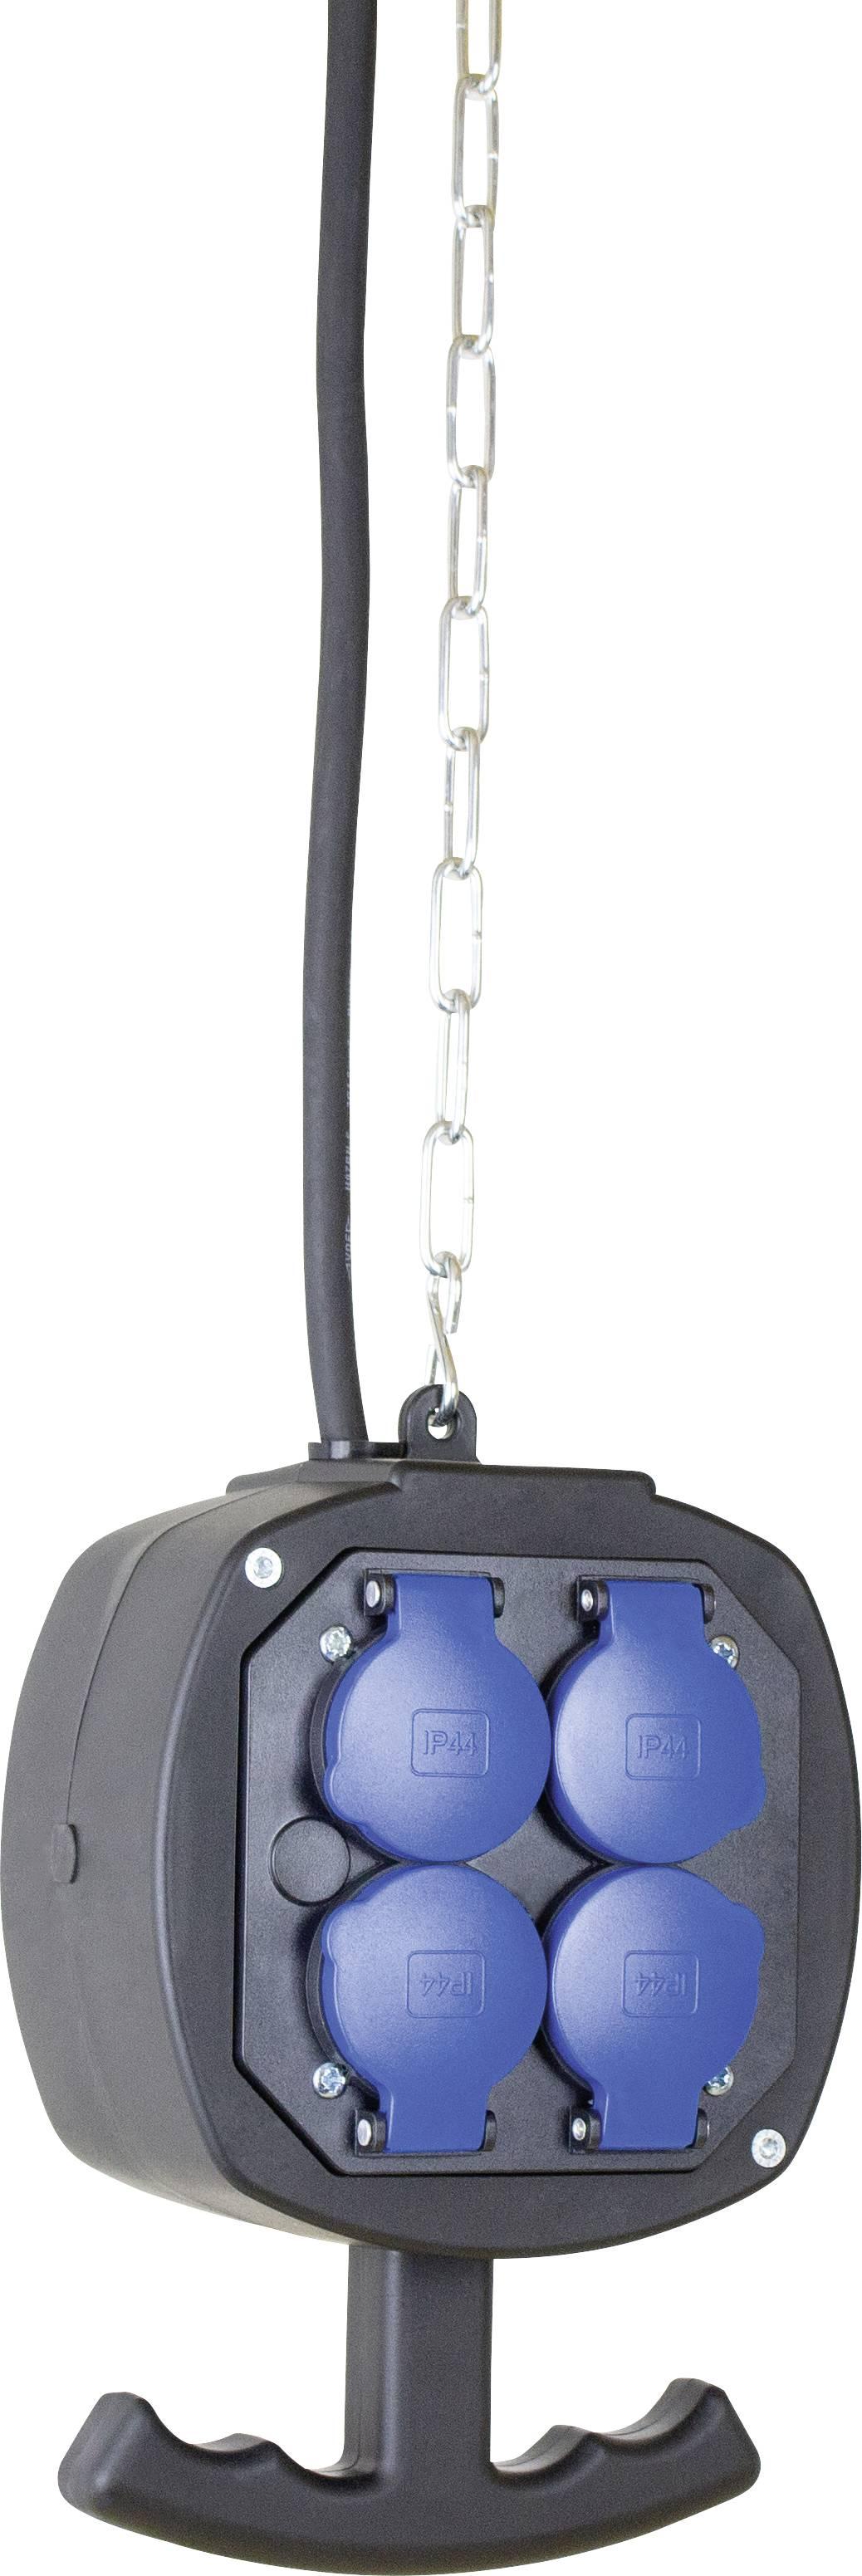 Závesný prúdový rozbočovač AS Schwabe ES2, 4 zásuvky, IP44, čierny, 3 m, 60973